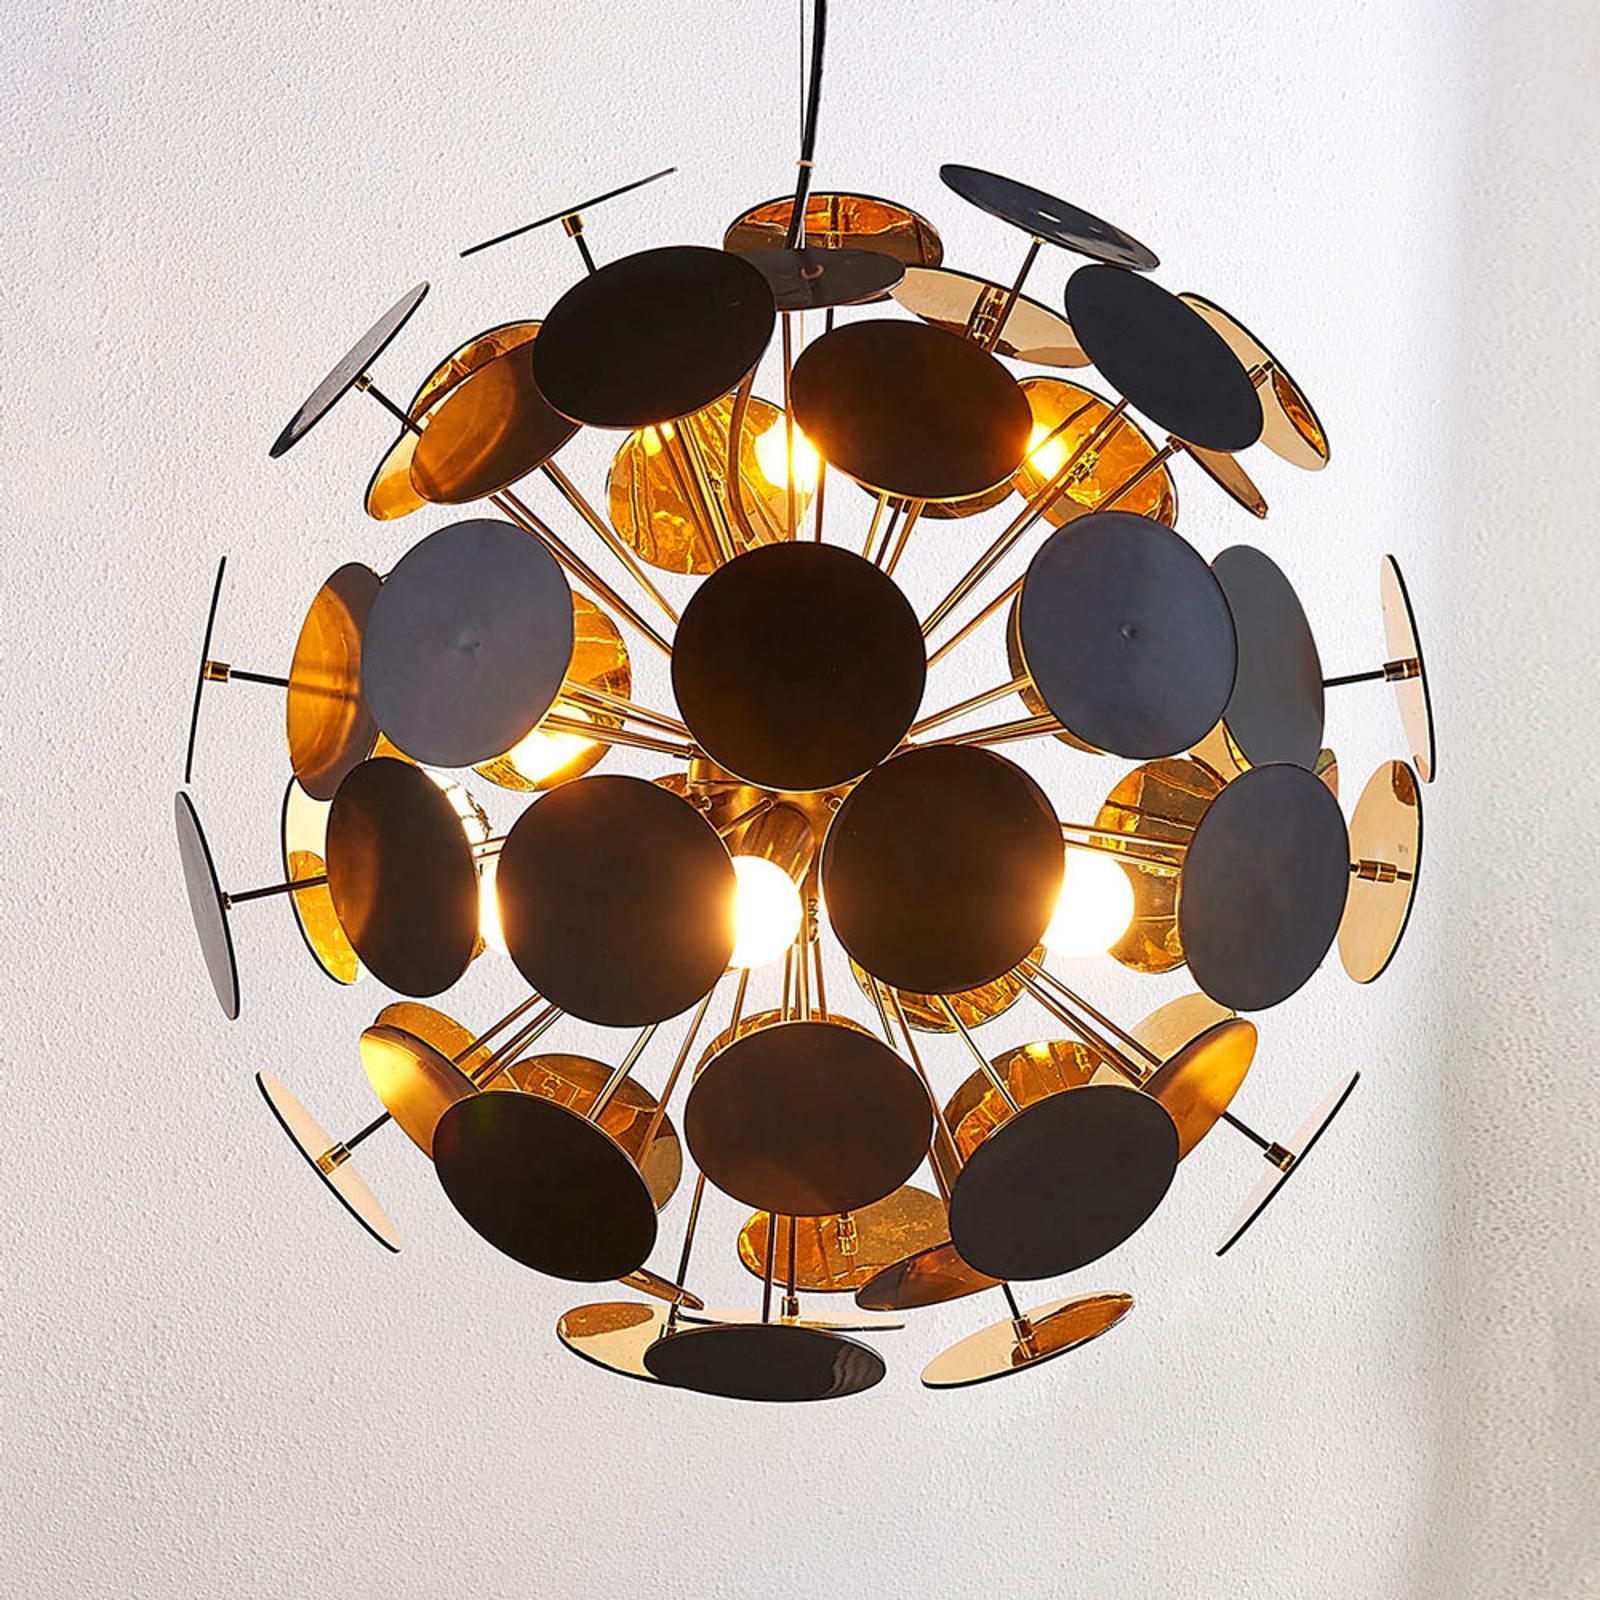 Hanglamp Kinan met schijfjes in zwart en goud